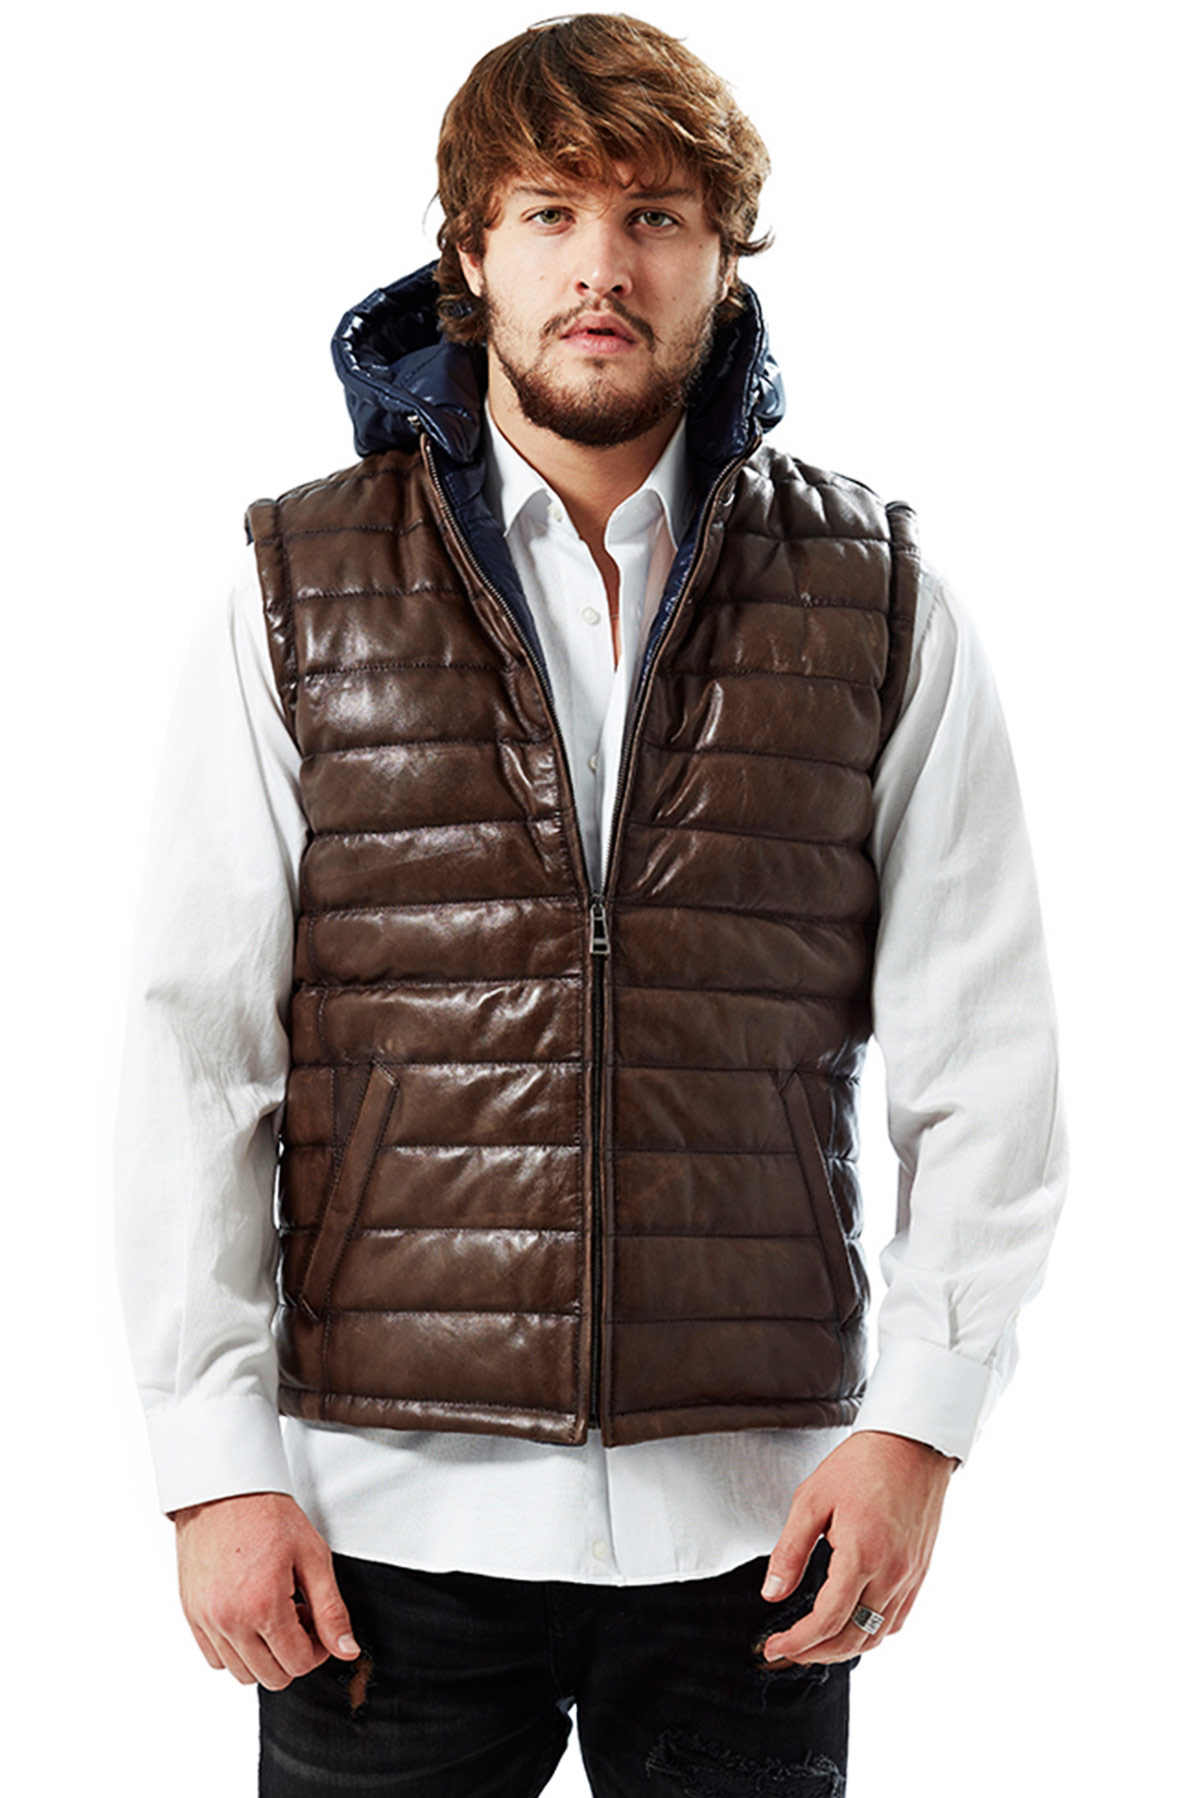 biker jacket for sale